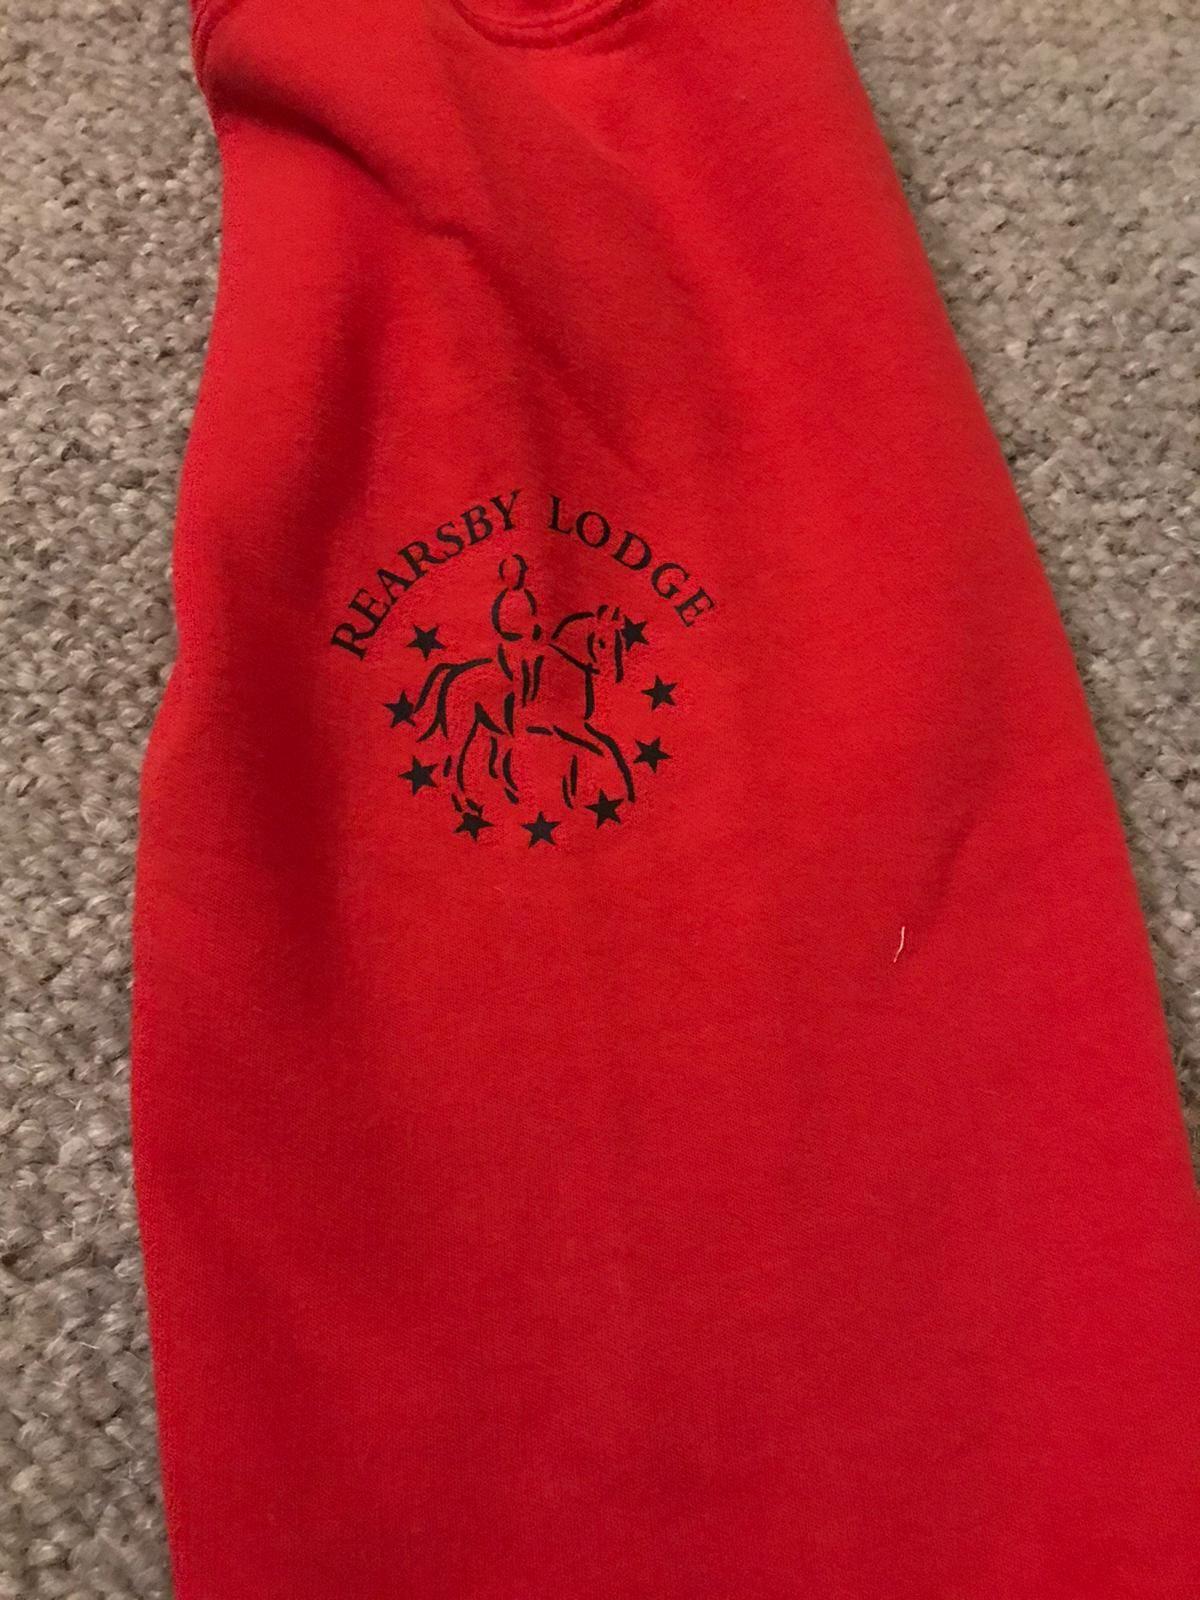 Logo on sweatshirt